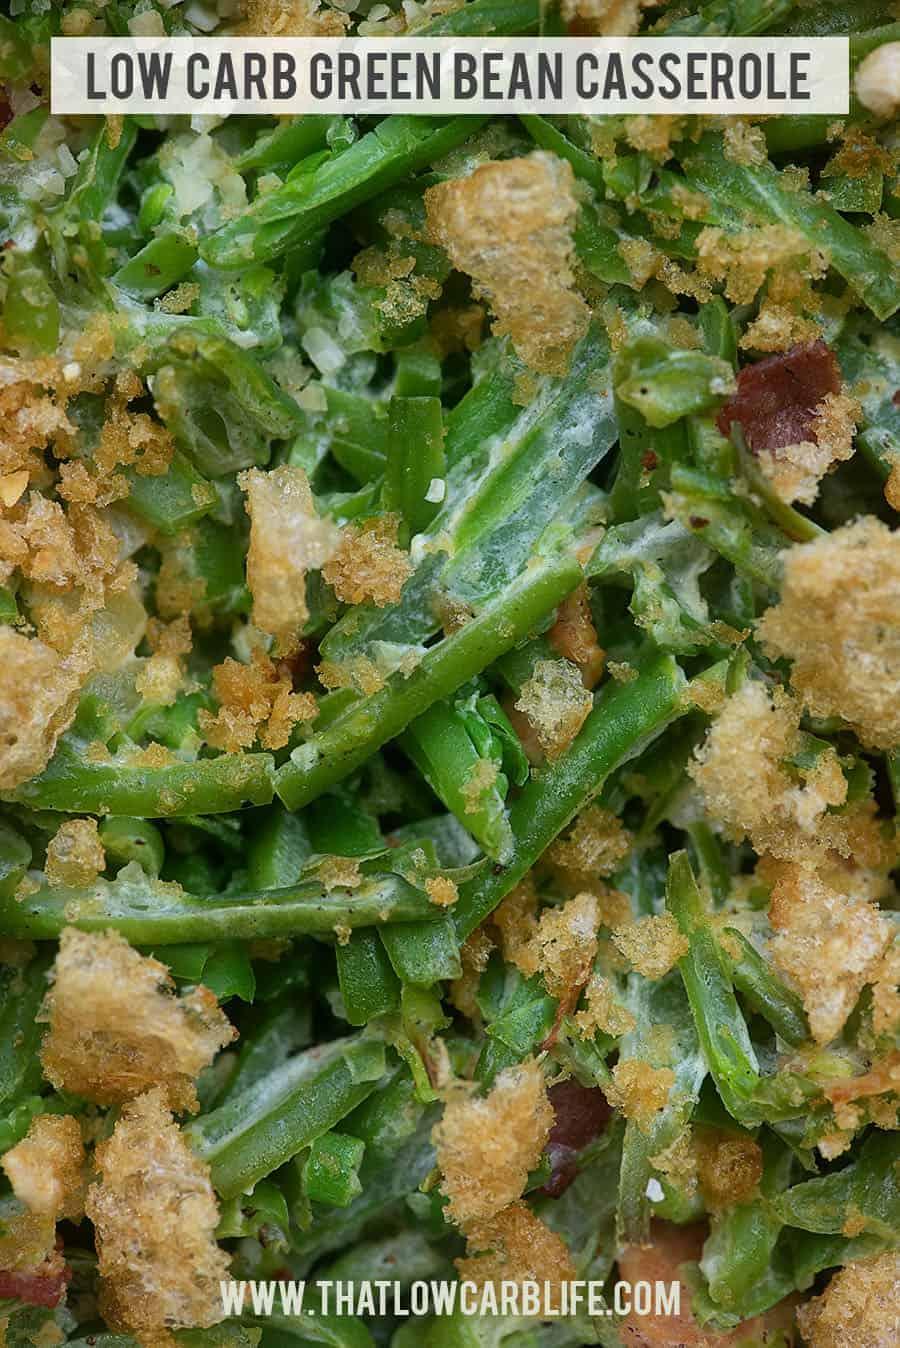 A close up of an overhead view of green bean casserole